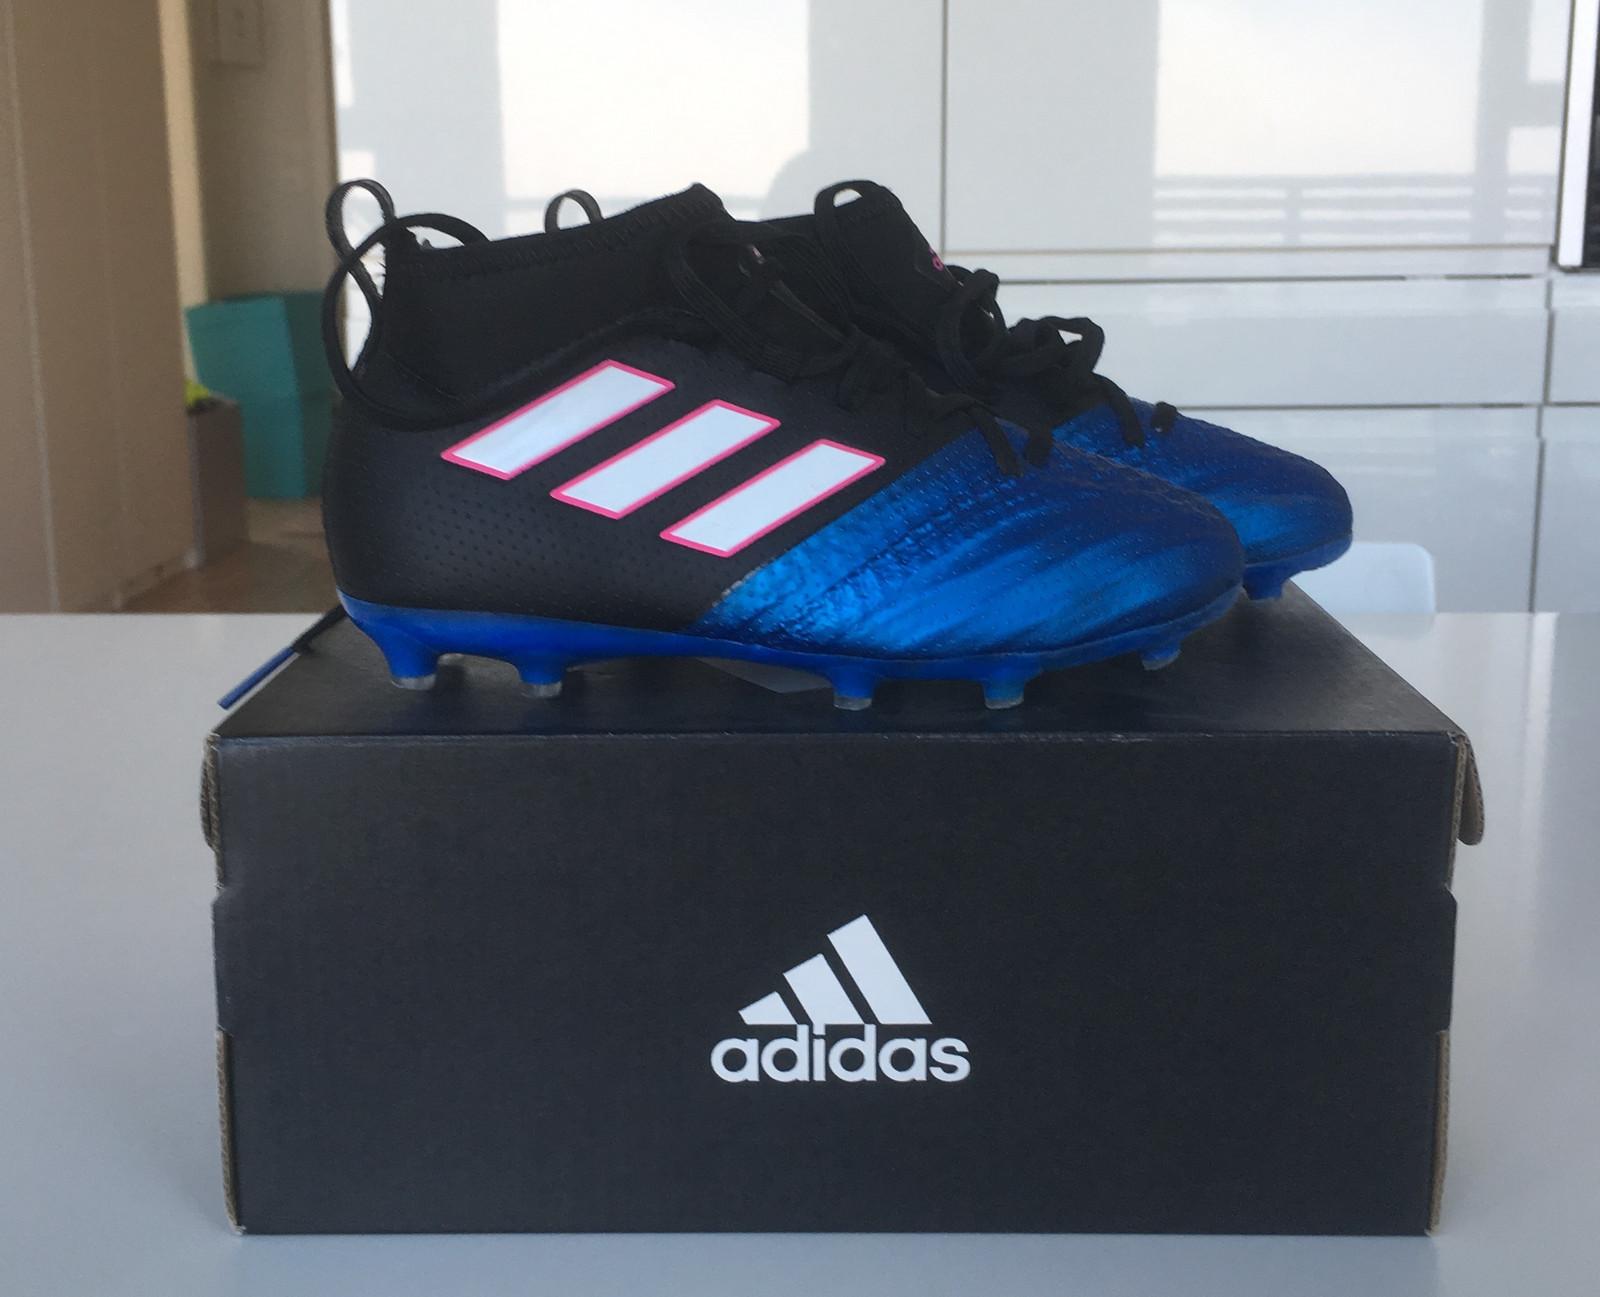 Brukt Adidas Ace 17.1 Primeknit FGAG Fotballsko til salgs i